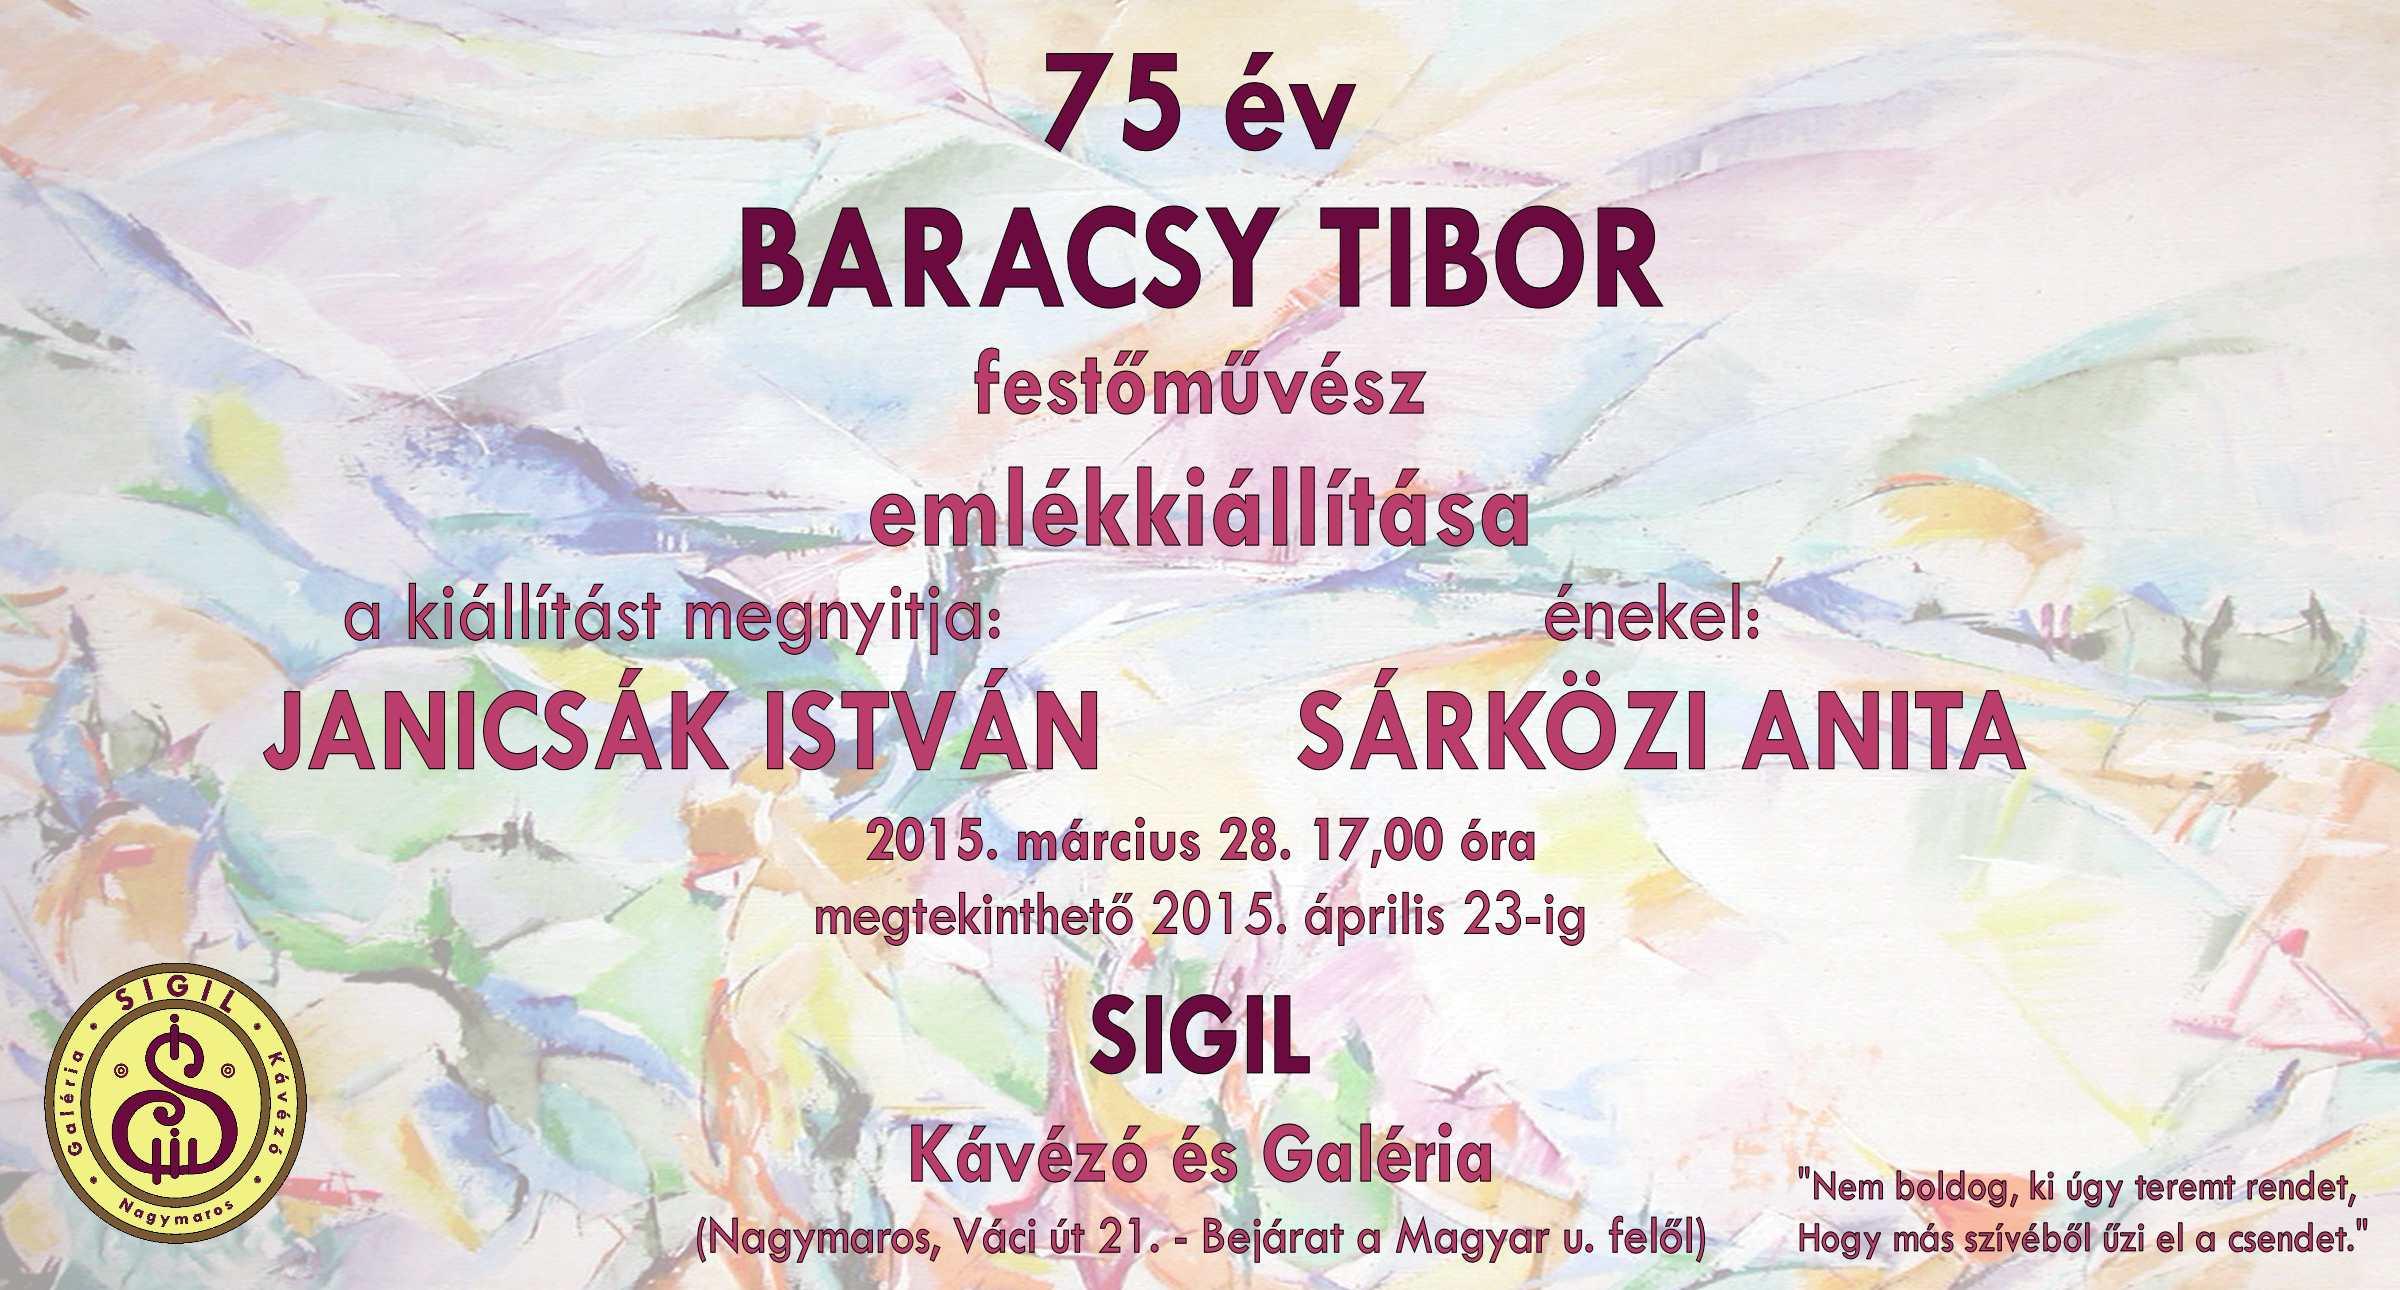 Baracsy Tibor